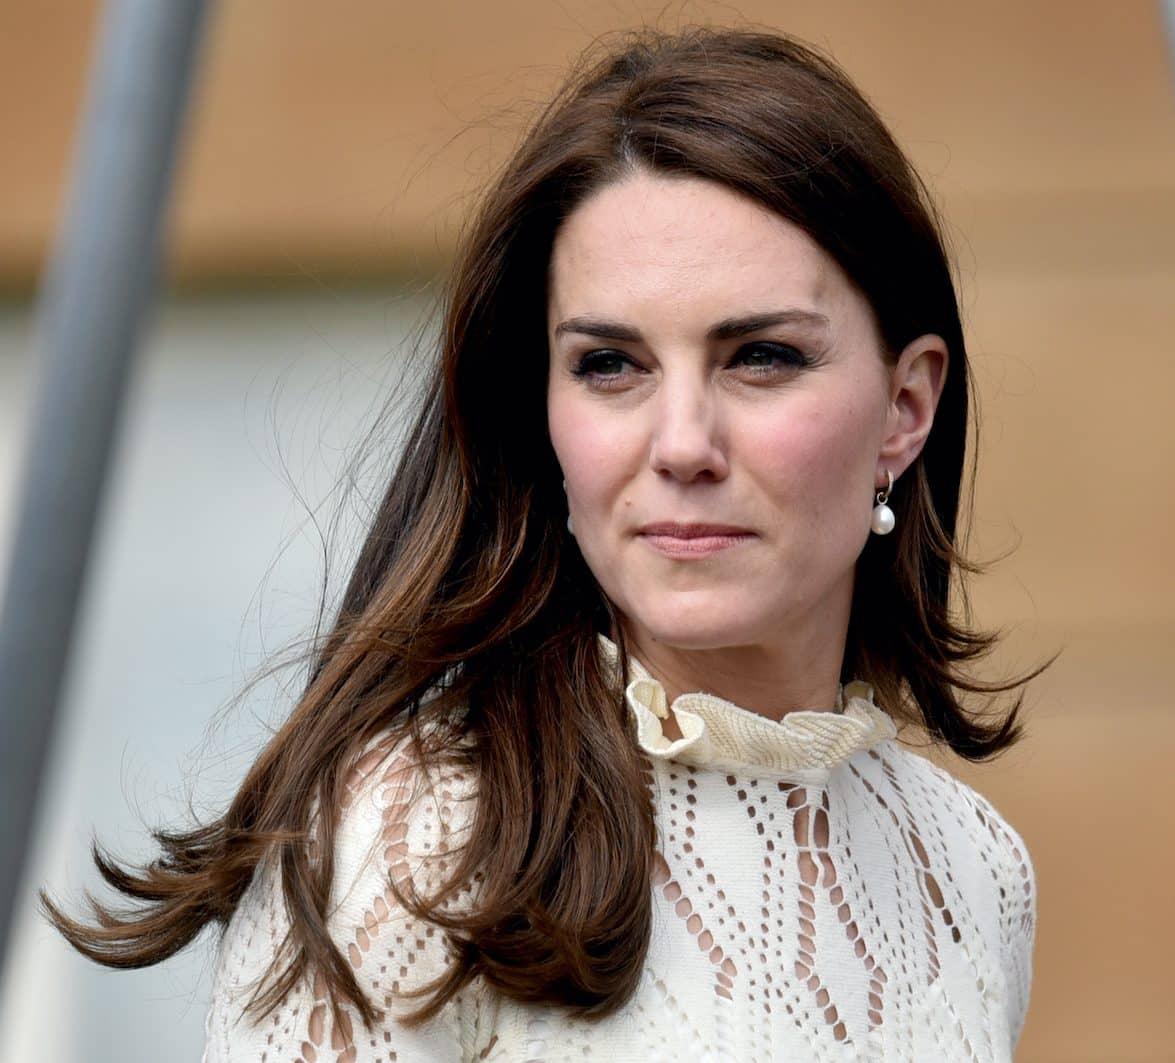 Herzogin-Kate-ist-unsicher-wegen-ihres-Aussehens